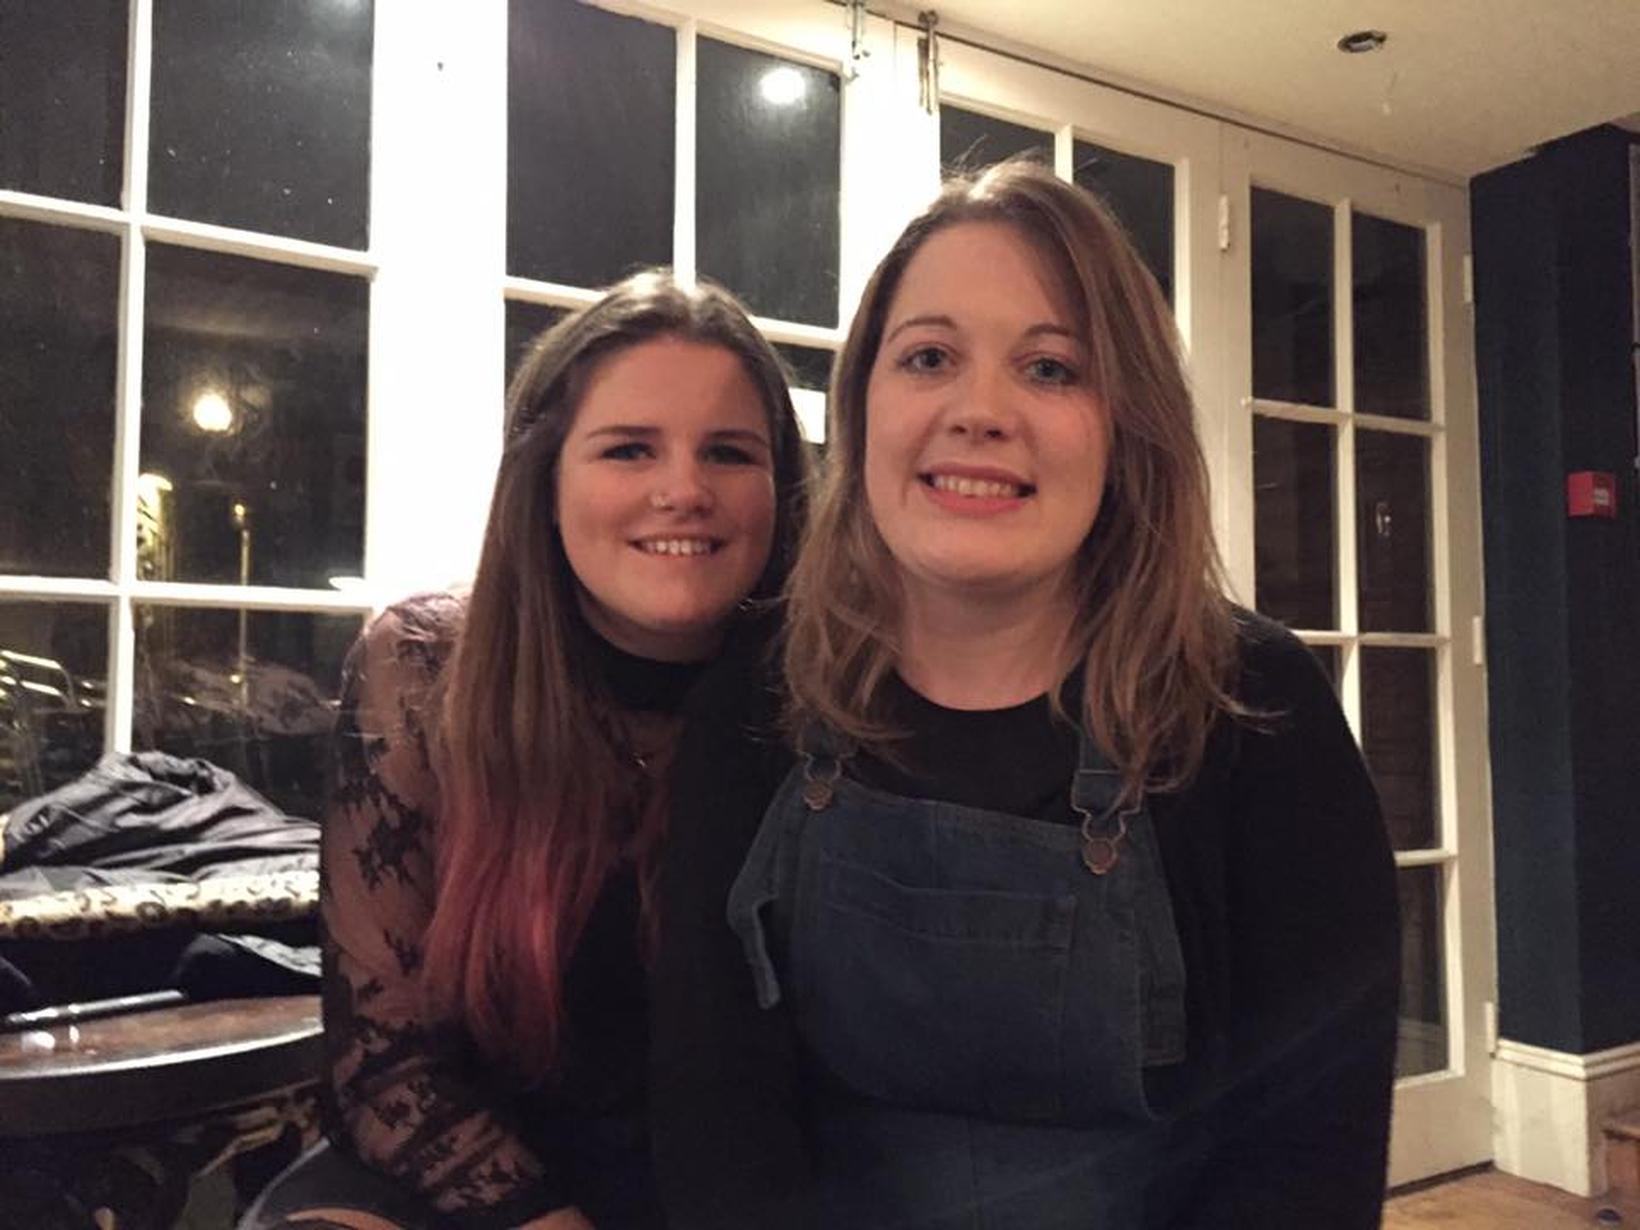 Jennifer & Lauren from Sydney, New South Wales, Australia